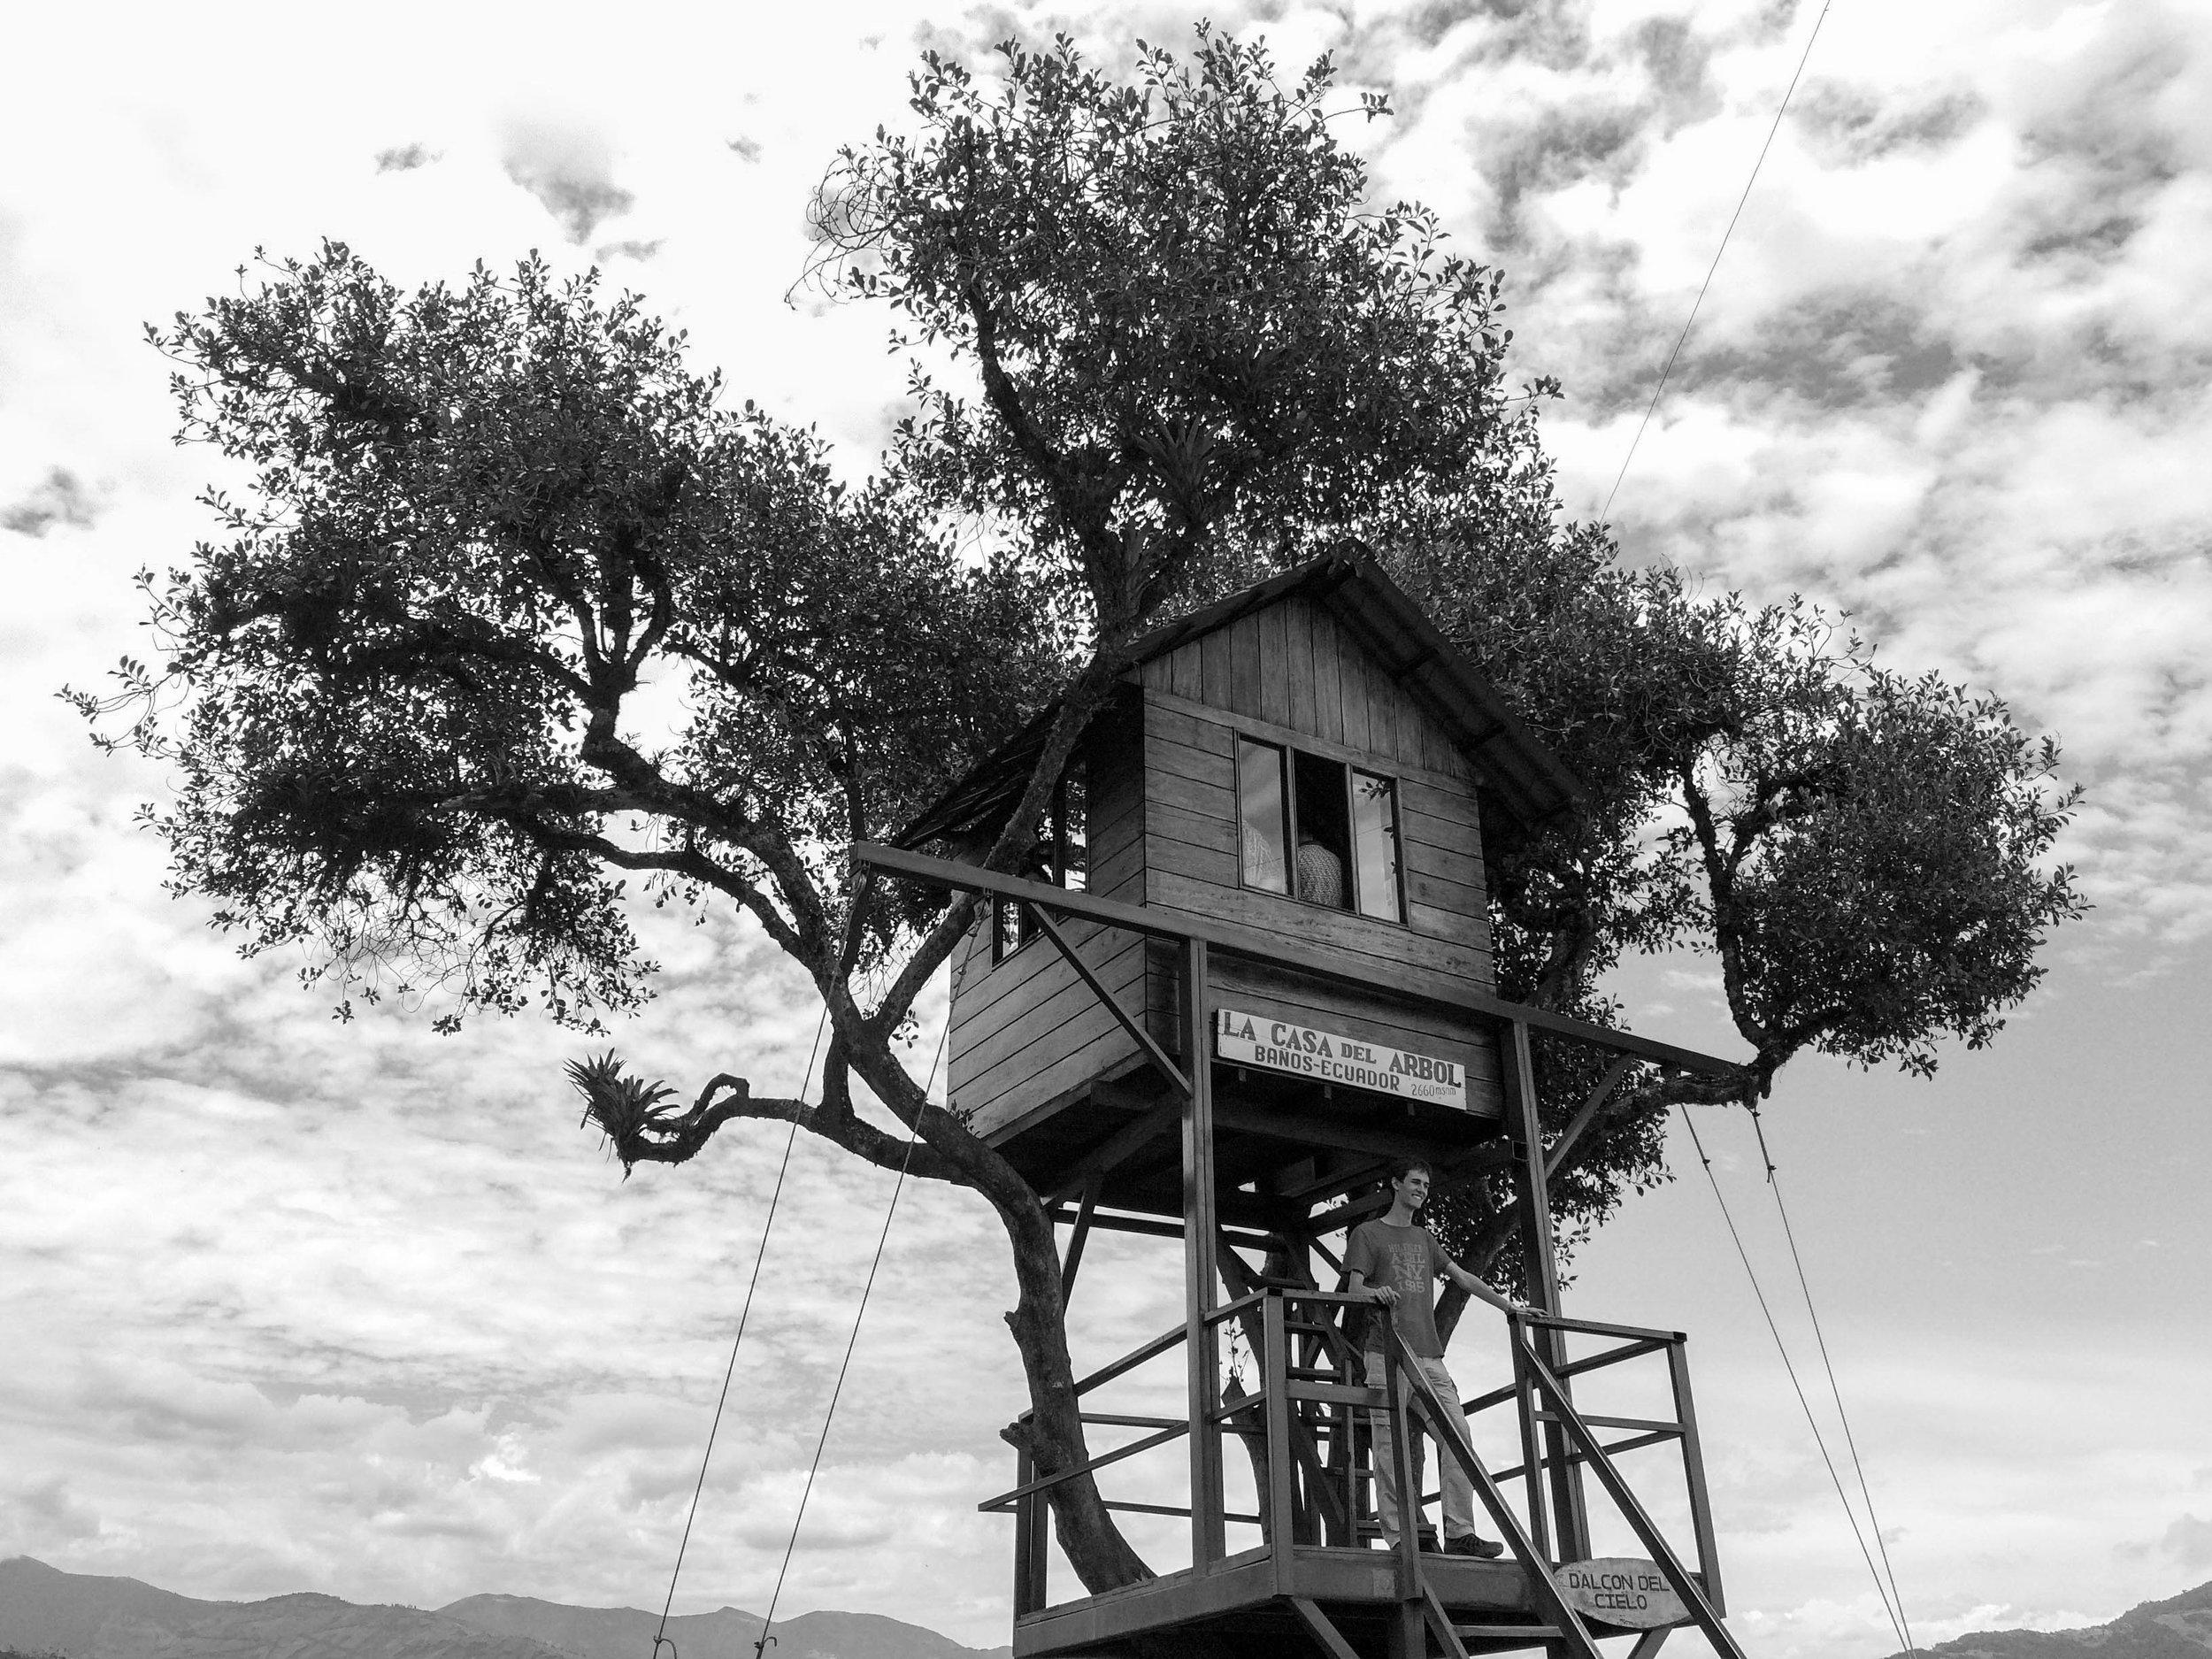 La Casa Del Arbol, Baños in Ecuador